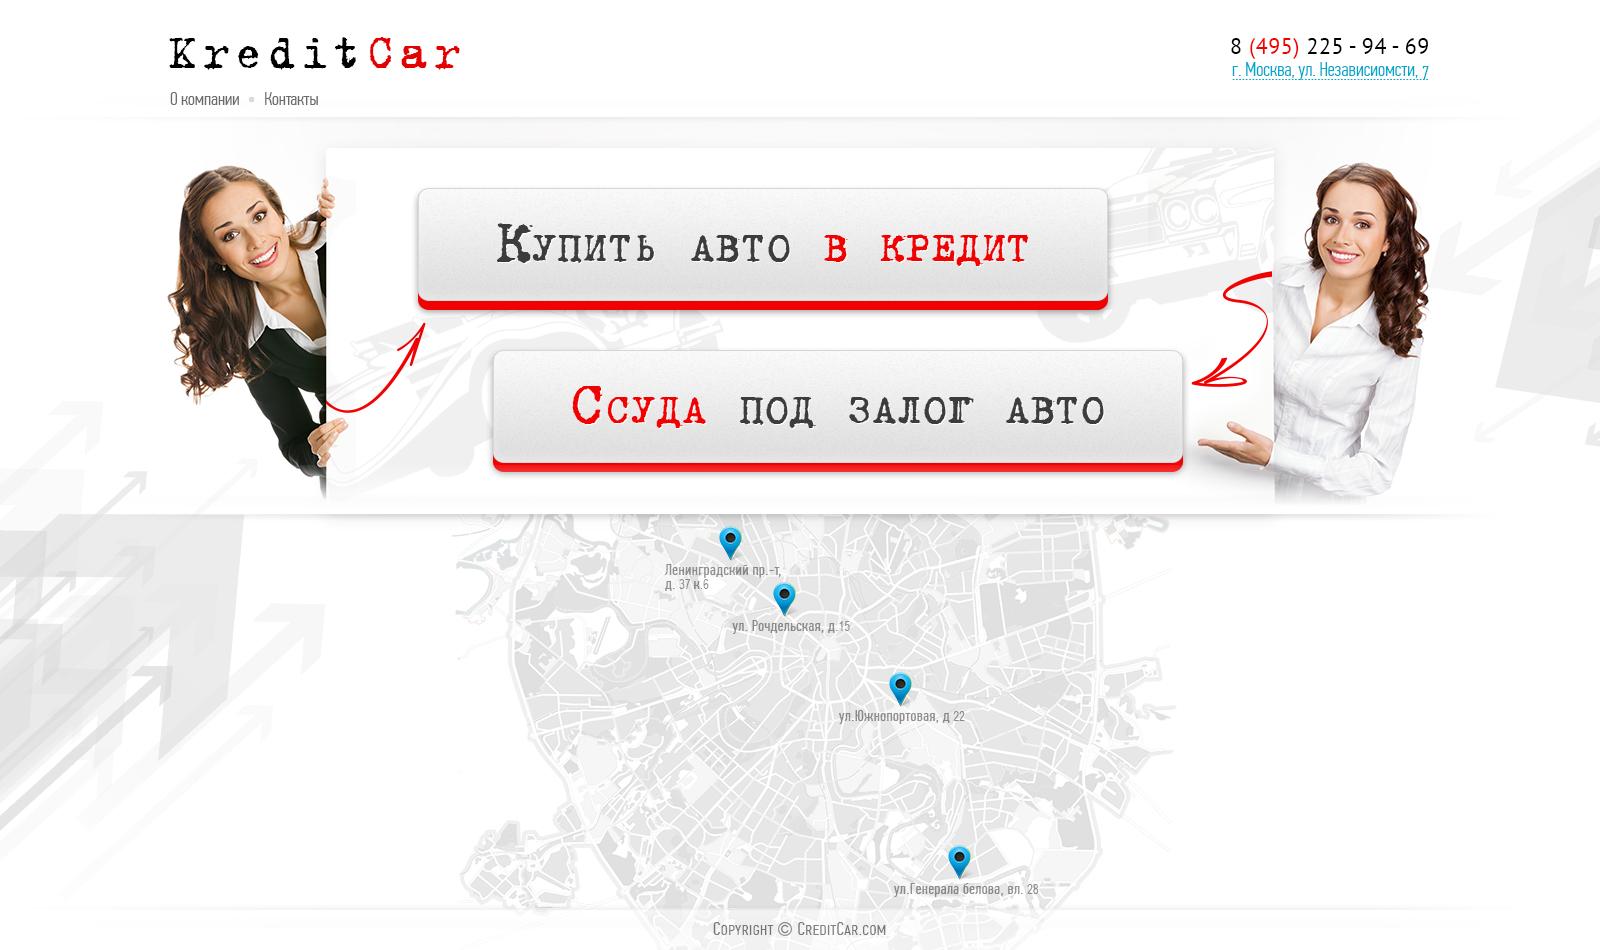 Разработка дизайна главной страницы и всех внутренних для сайта KreditCar